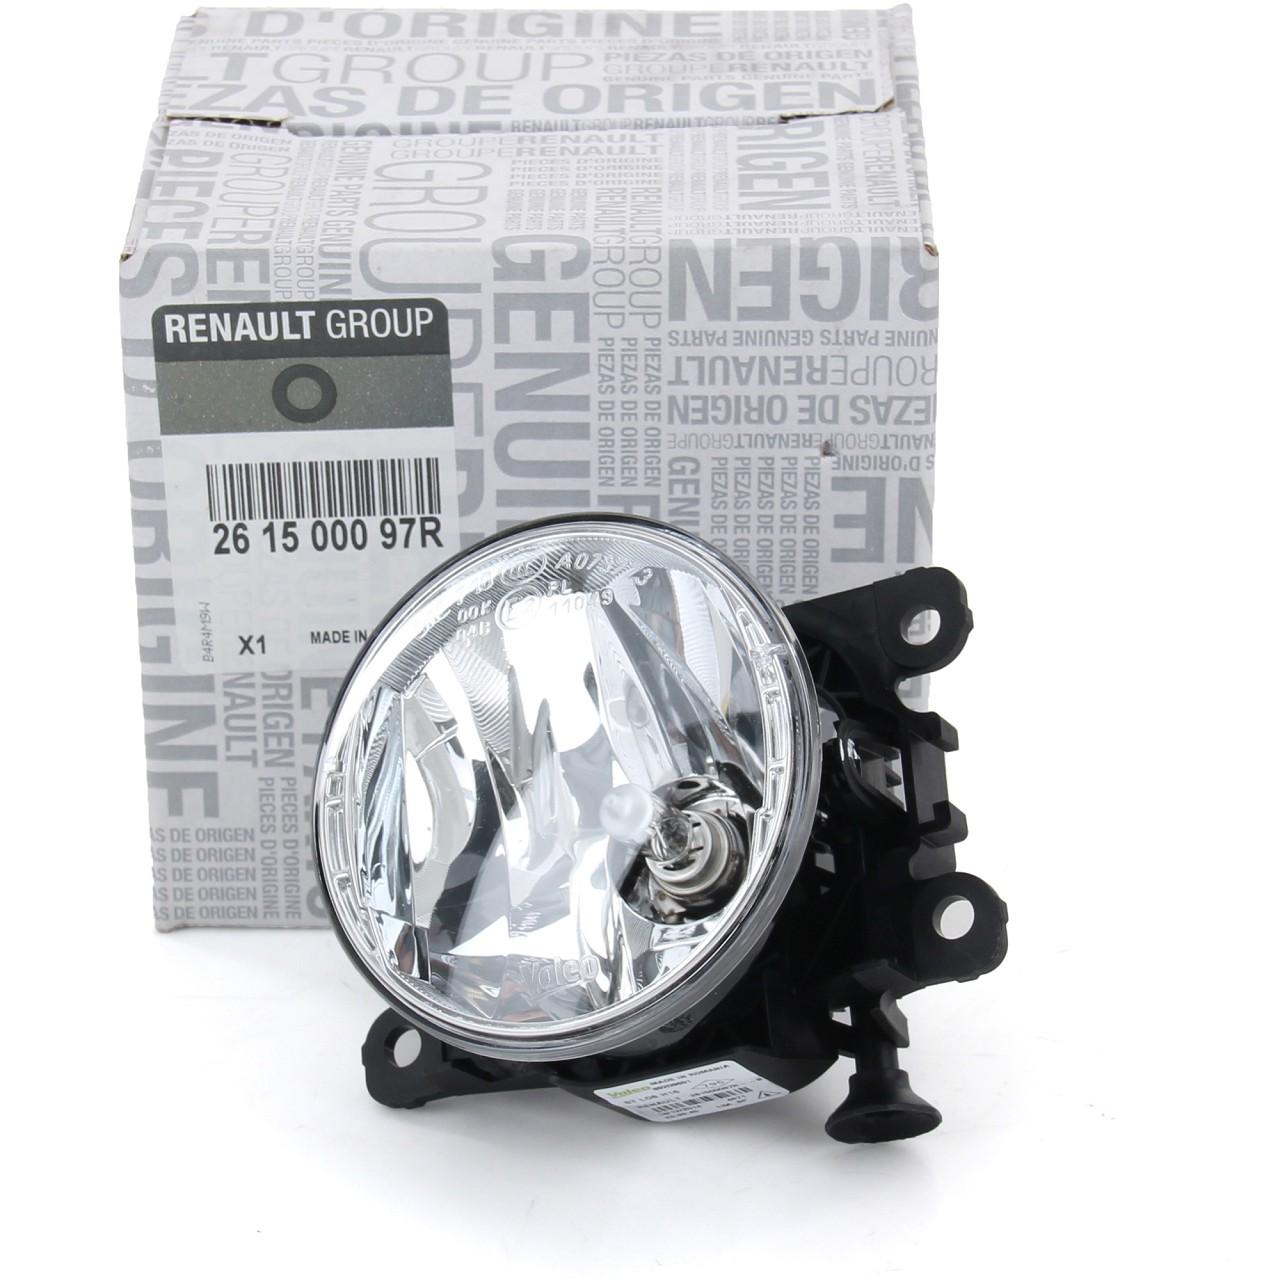 ORIGINAL Renault Nebelscheinwerfer Nebelleuchte Nebellicht beidseitig 261500097R